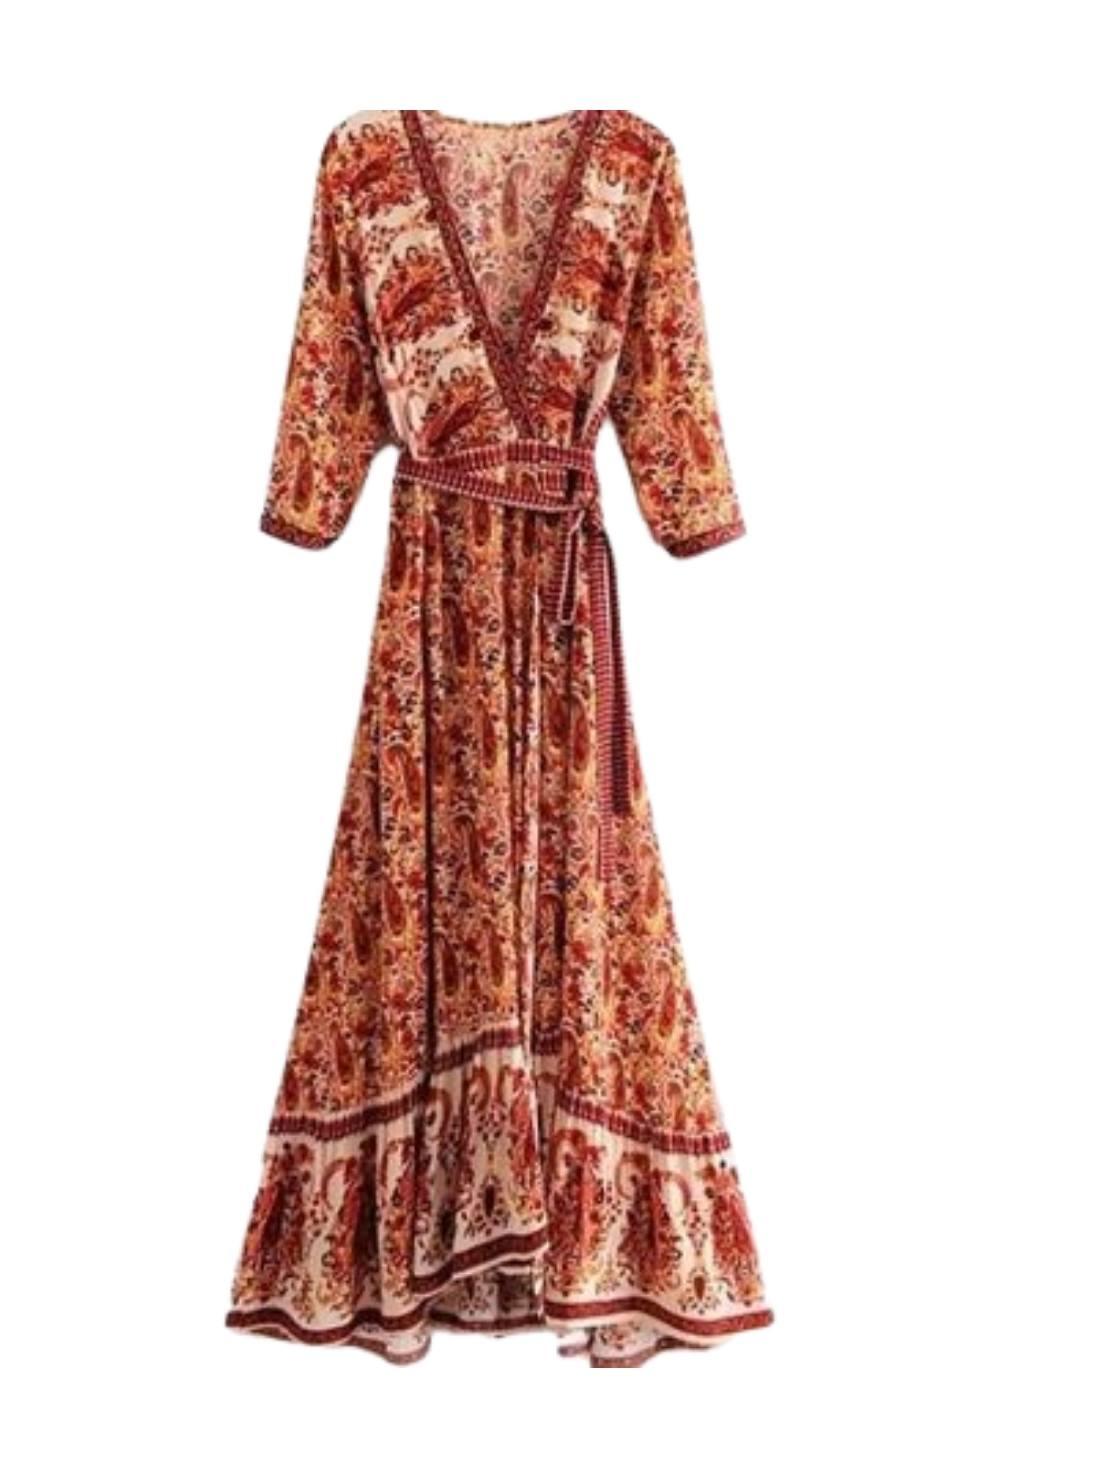 Wholesale Paisley Print Wrap Dresses.